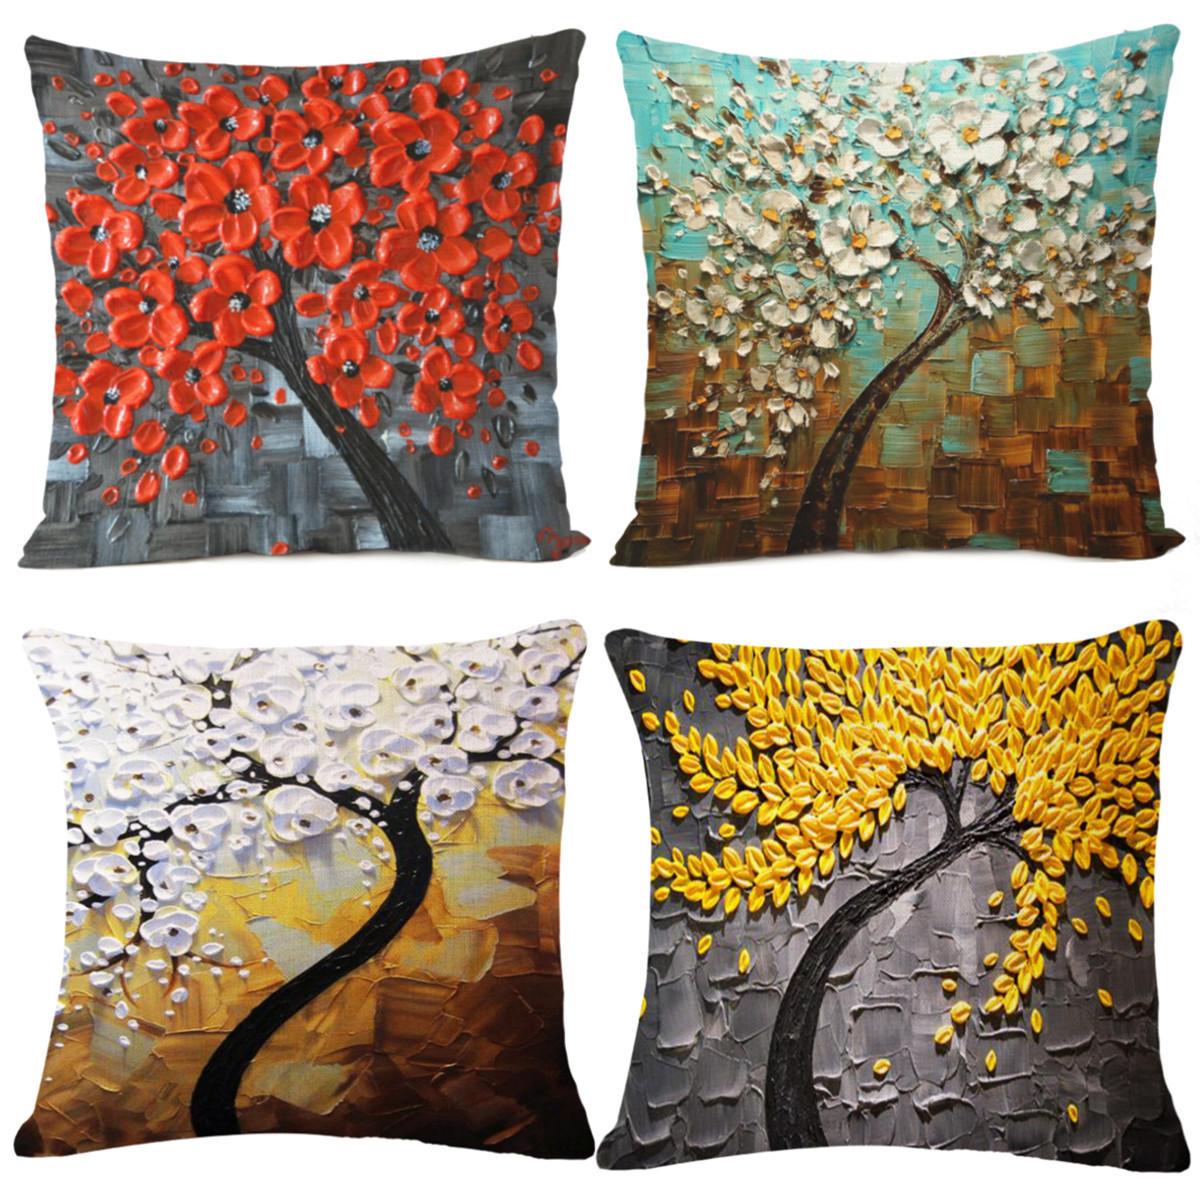 Kussenhoes Boom Bloem Kussensloop Katoen Linnen Kussenhoes Gift Woondecoratie - 1